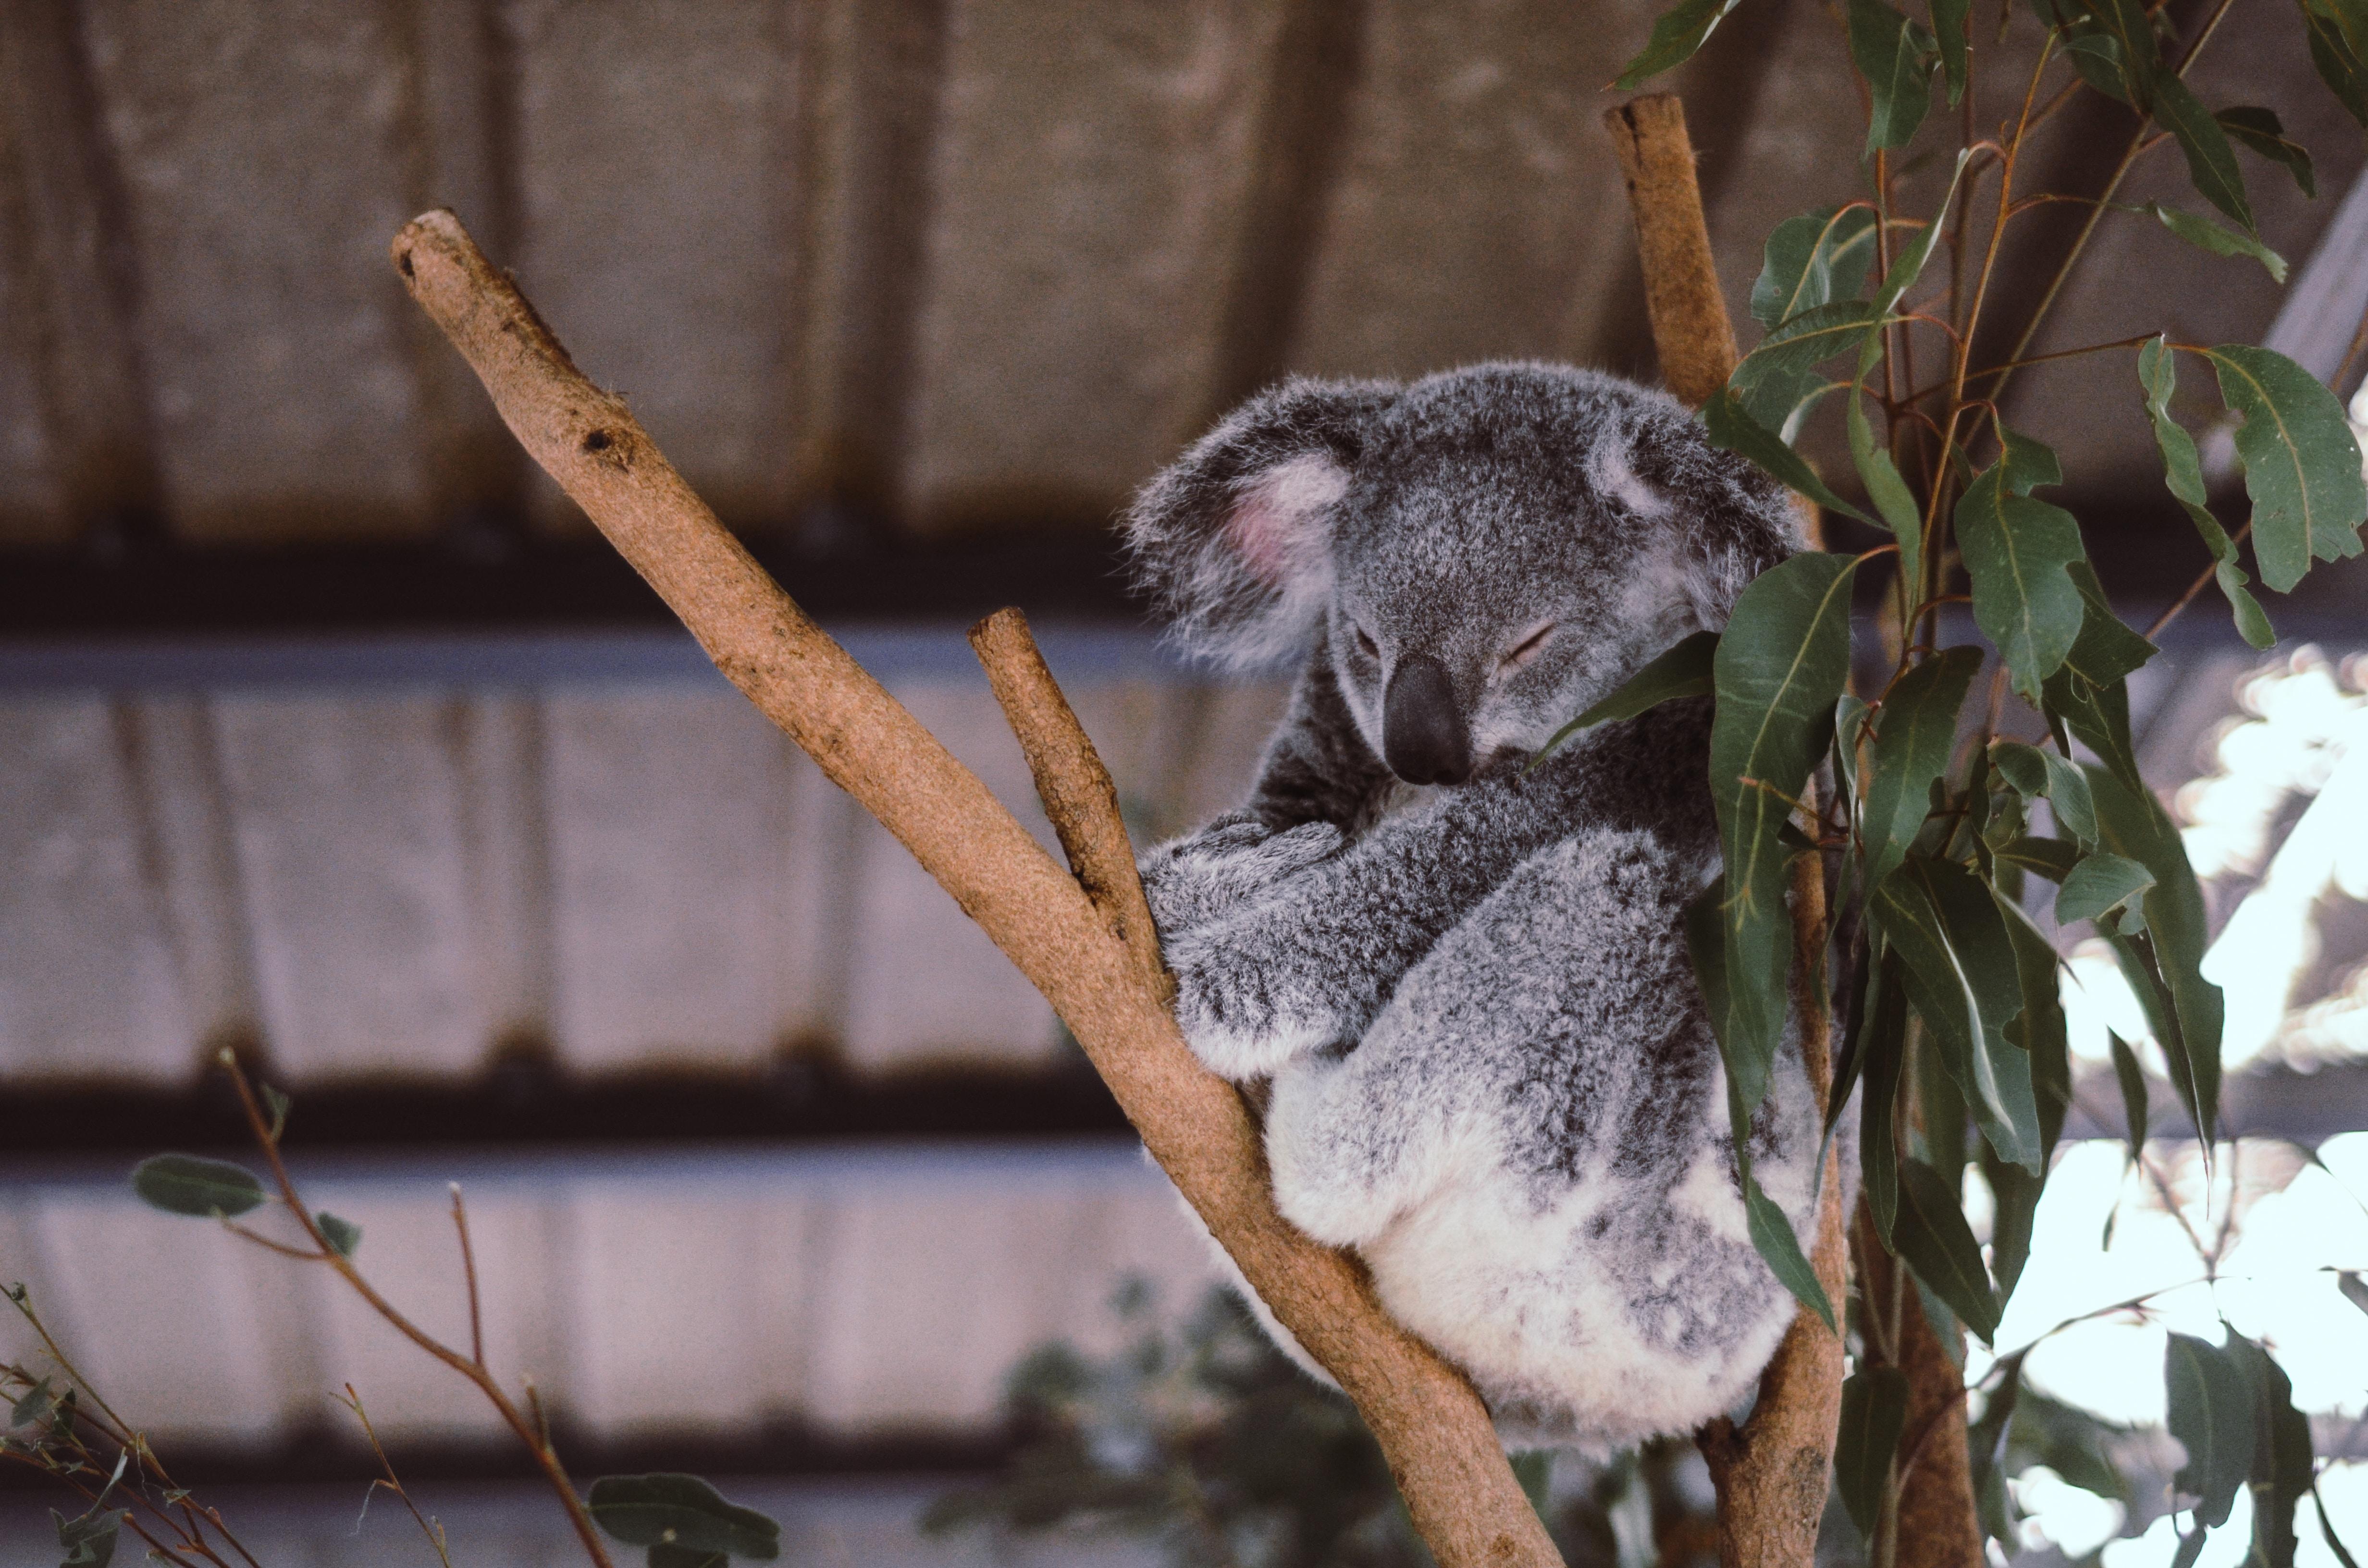 Koala bear sleeping in eucalyptus tree branch in Lone Pine Koala Sanctuary